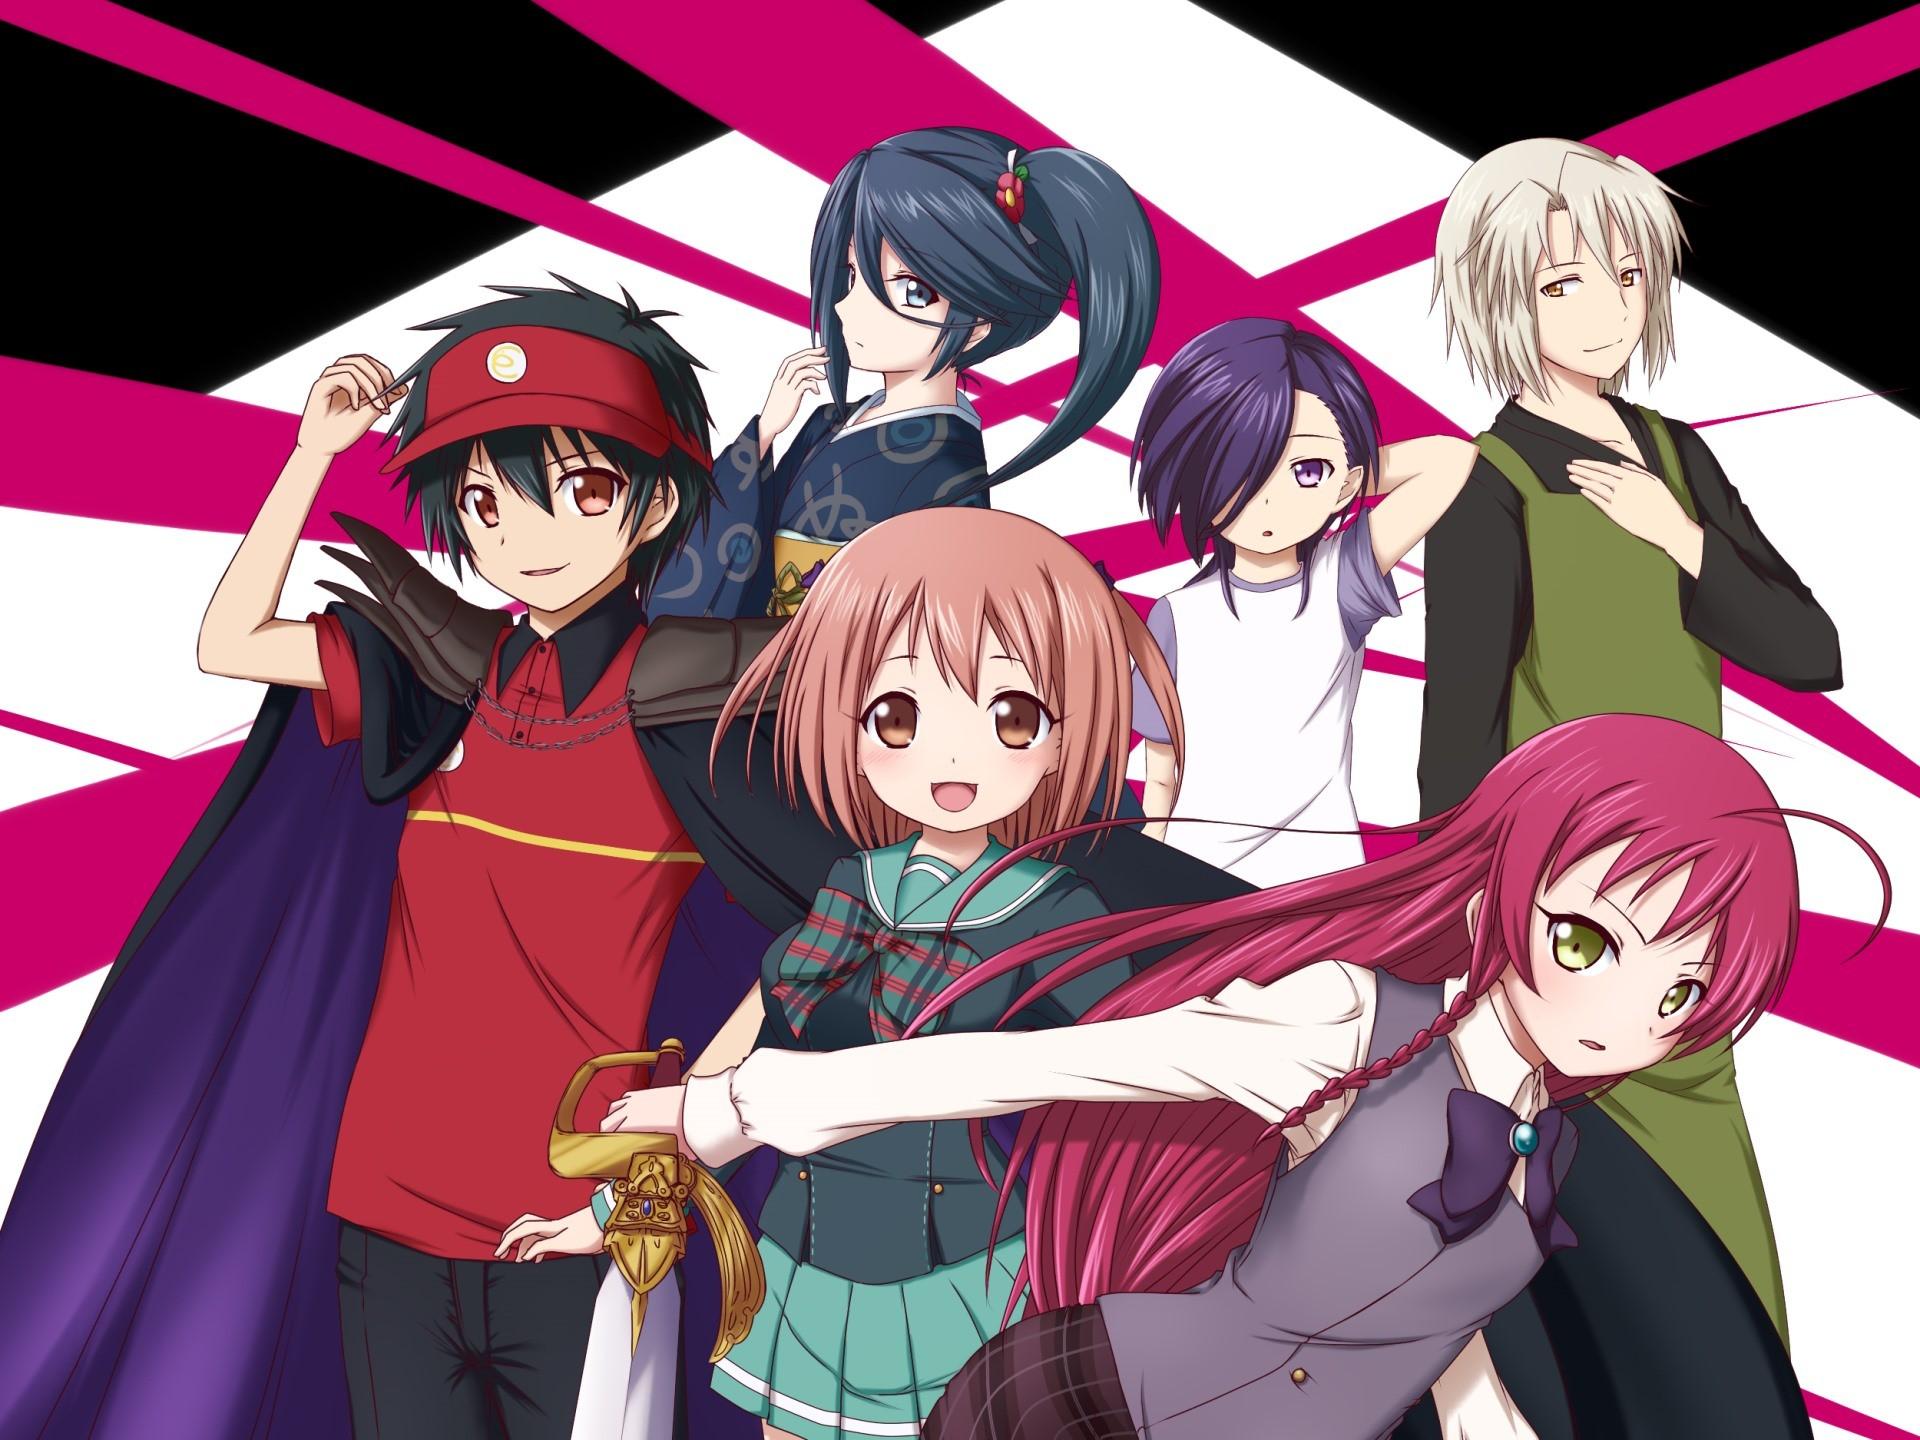 Anime 1920x1440 anime anime girls Hataraku Maou-sama! Ashiya Shirou Kamazuki Suzuno Maou Sadao Sasaki Chiho Yusa Emi